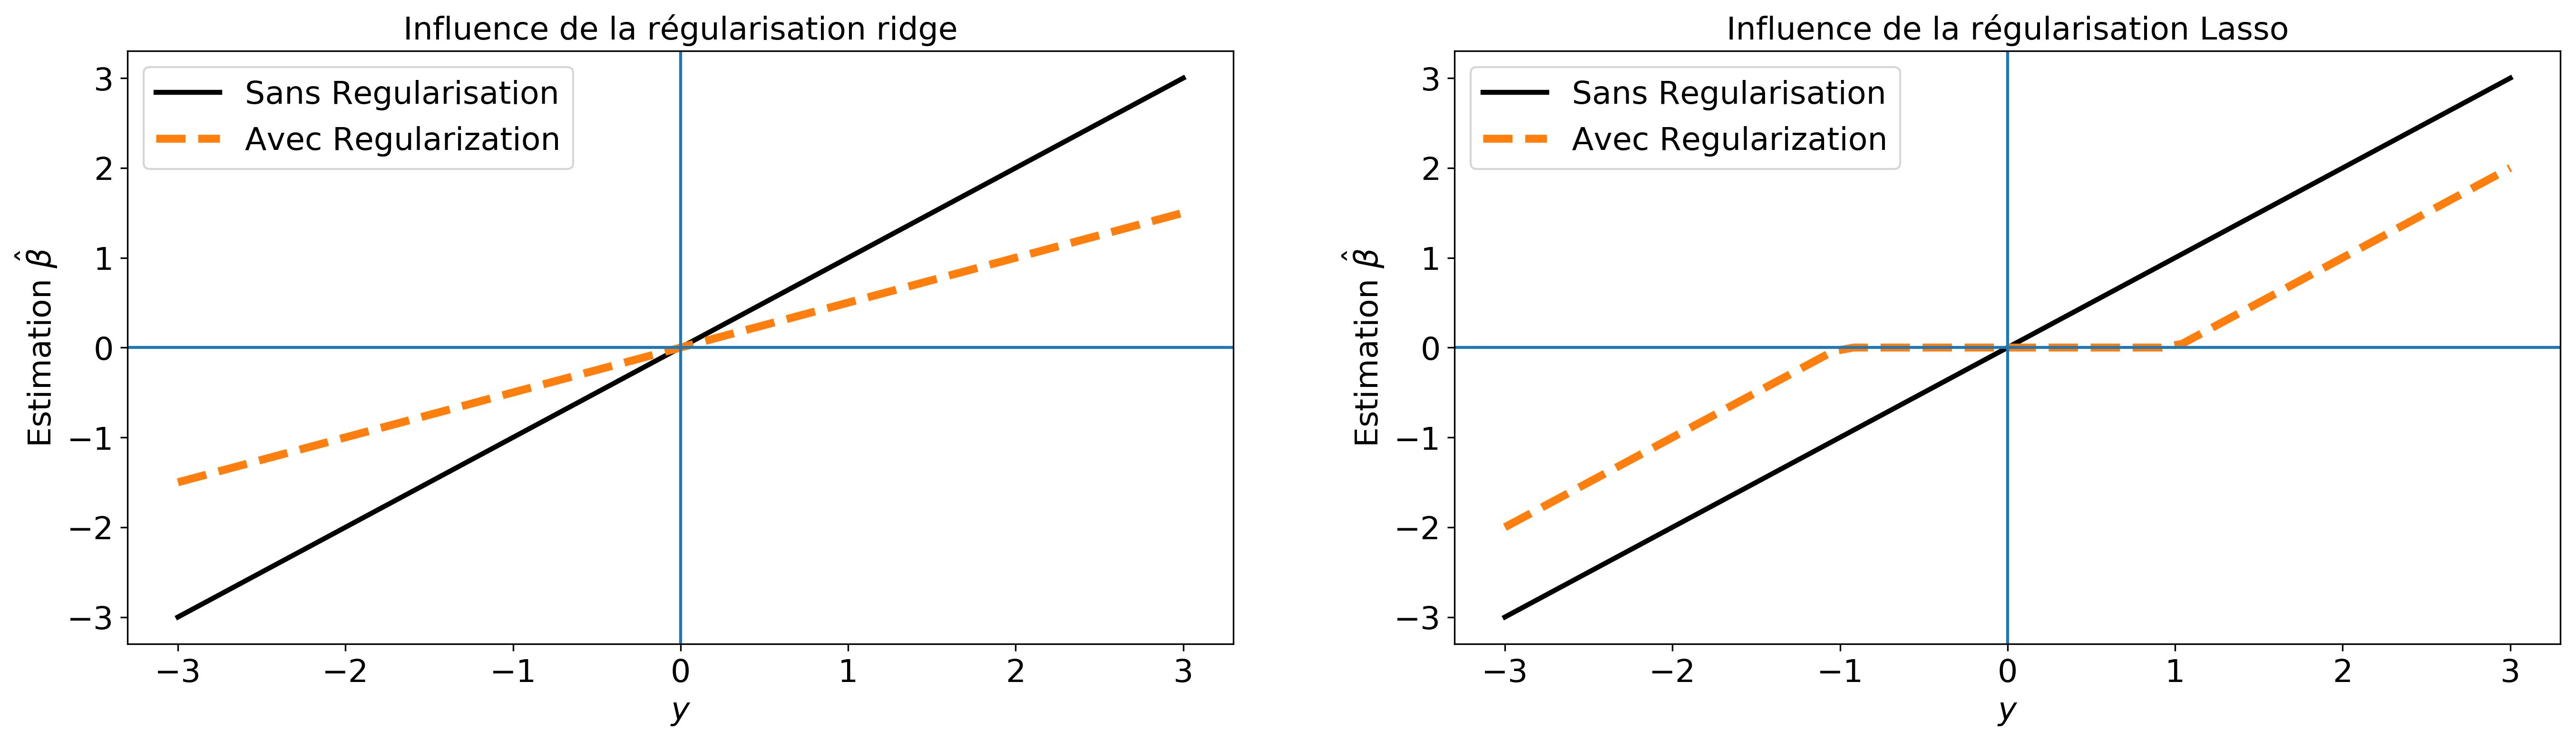 Illustration de l'effet de rétrecissement des paramètres effectué par les régularisation ridge et lasso.